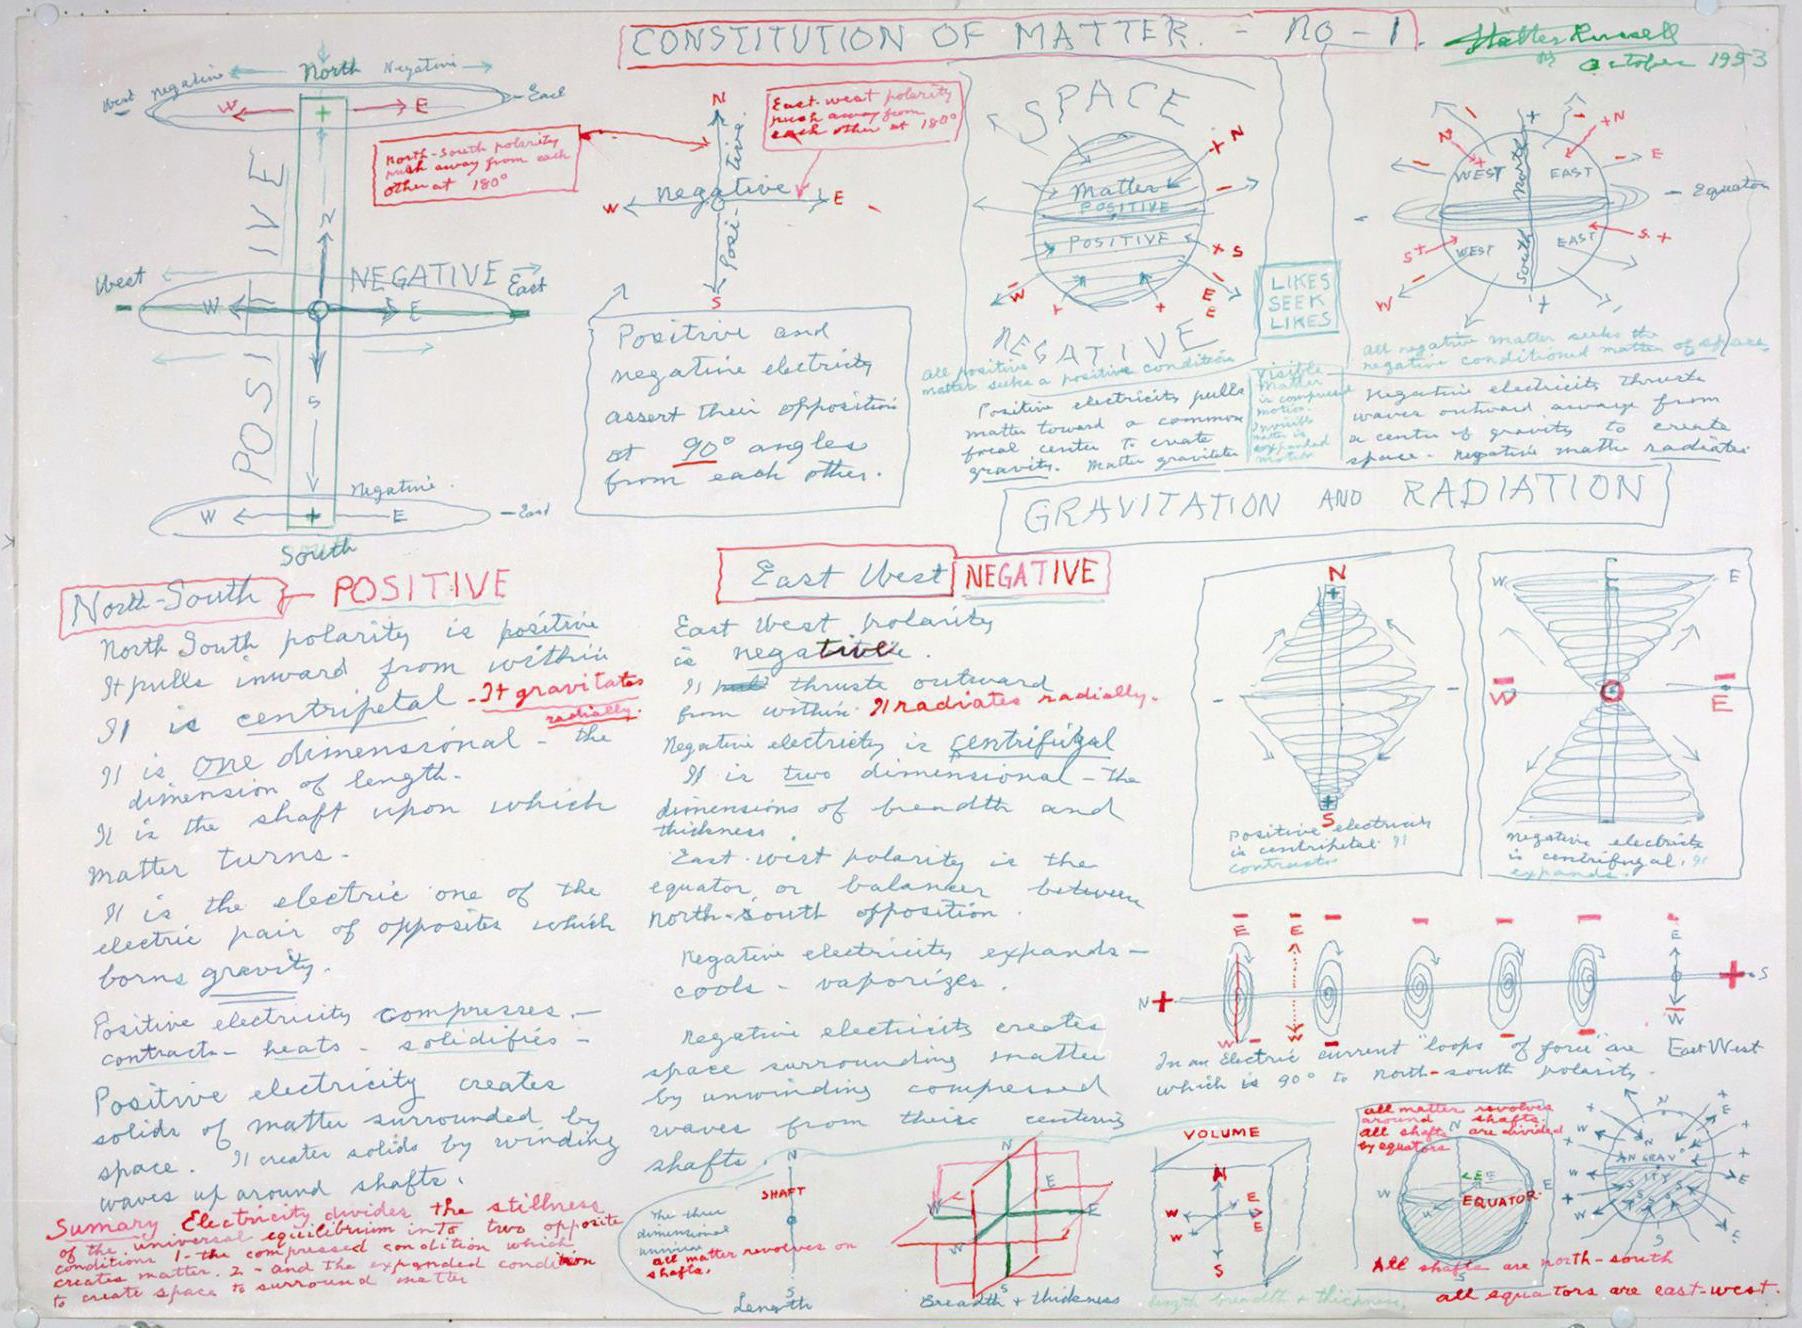 Diagrammes de Walter Bowman Russell A_012_10